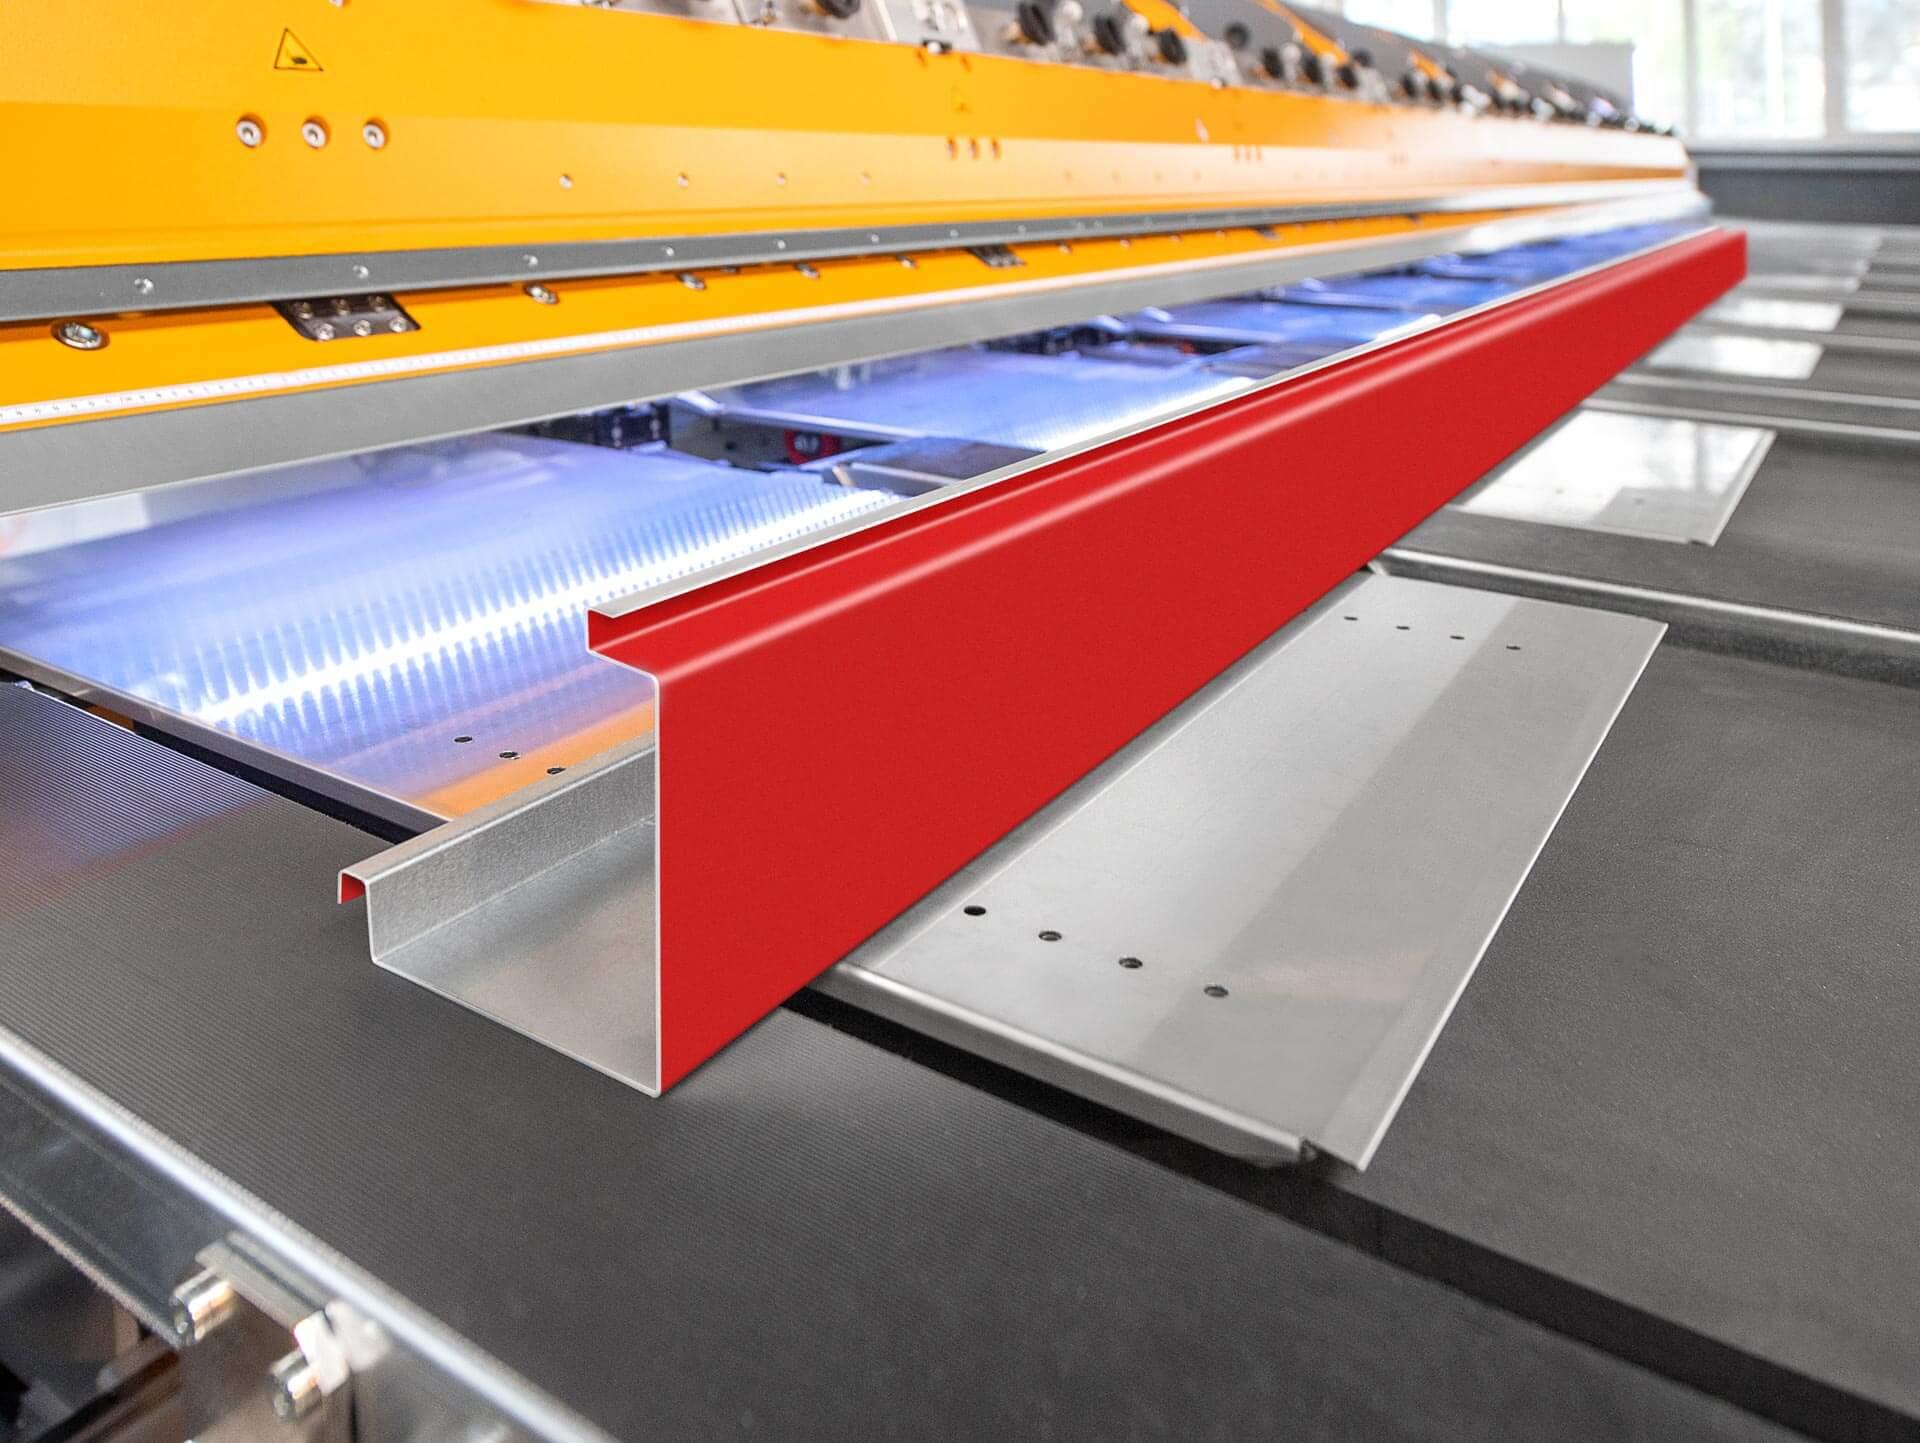 NAHTLOSE ÜBERGABE: Die fertigen Profile werden automatisch von den Förderbändern der automatischen Blechentnahme-Einheit übernommen und zum Kantteile-Puffer zur Entnahme befördert.